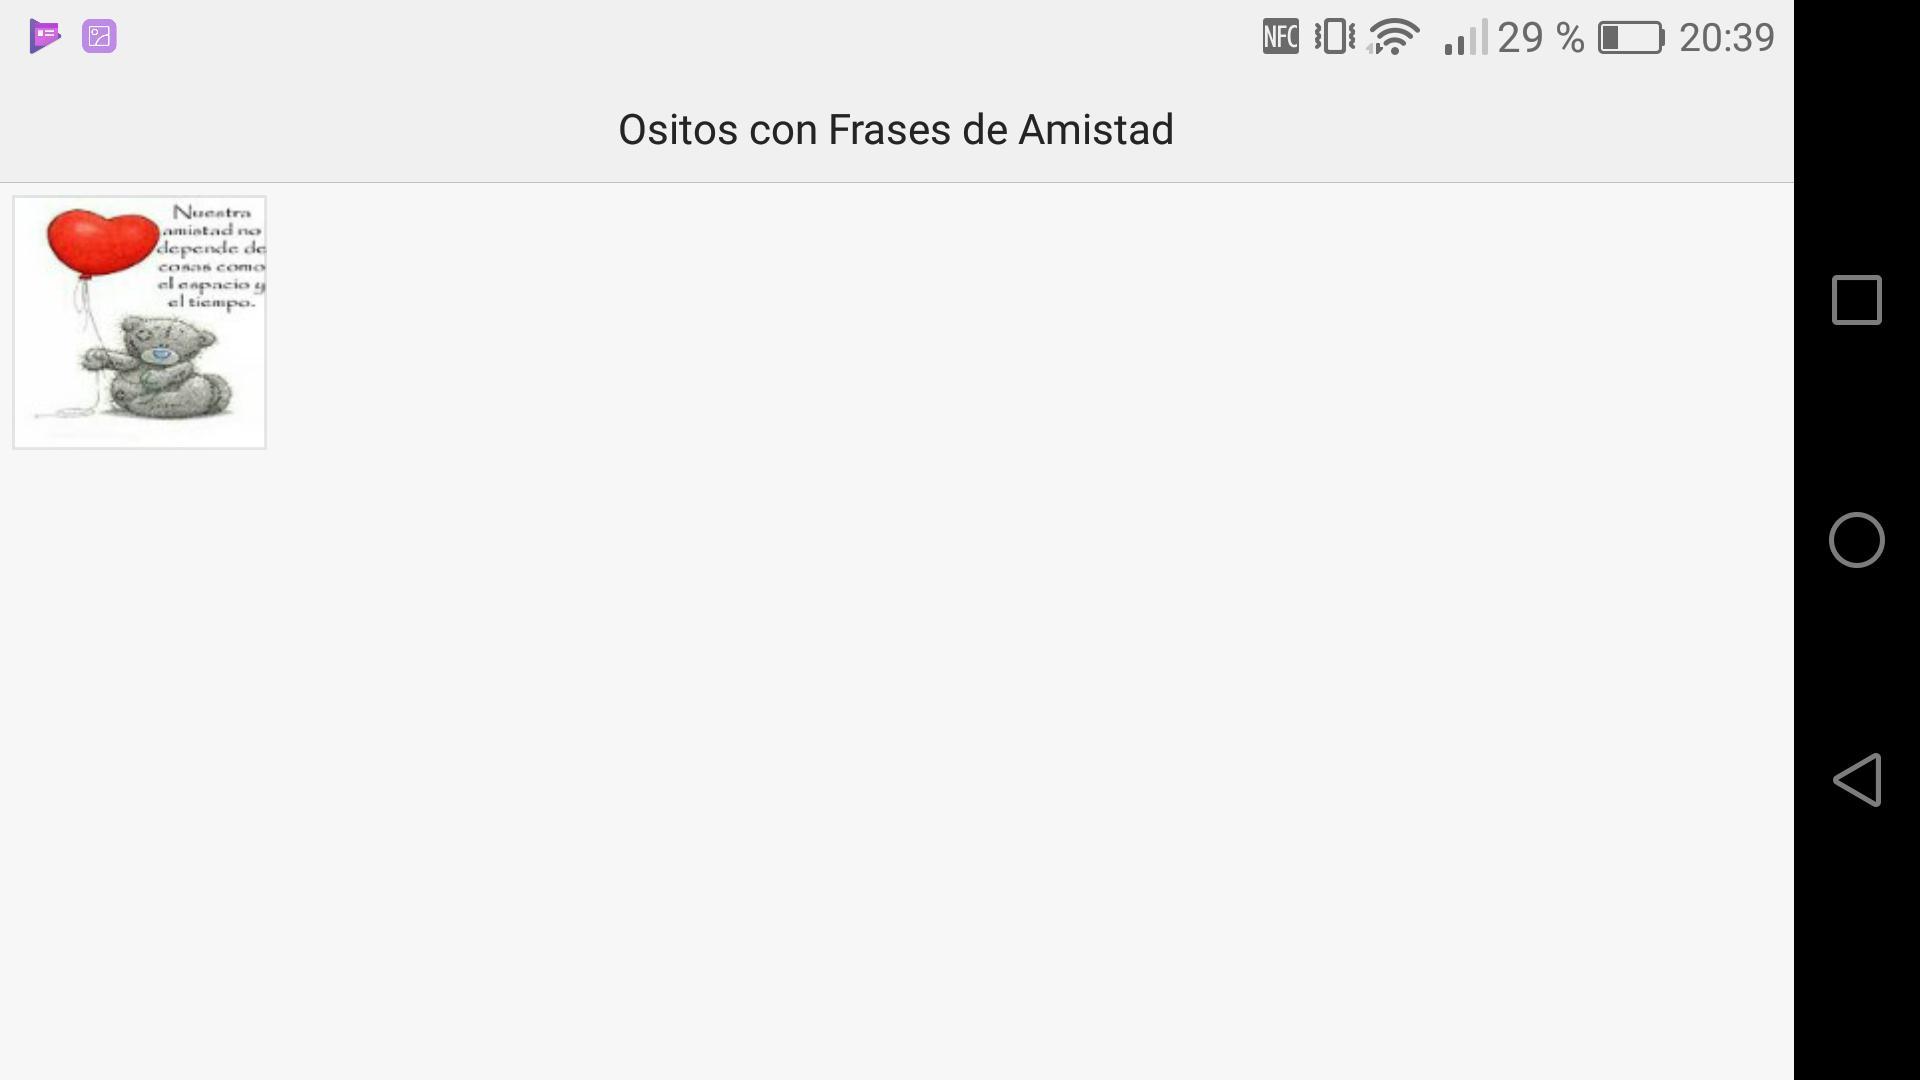 Ositos Con Frases De Amistad для андроид скачать Apk